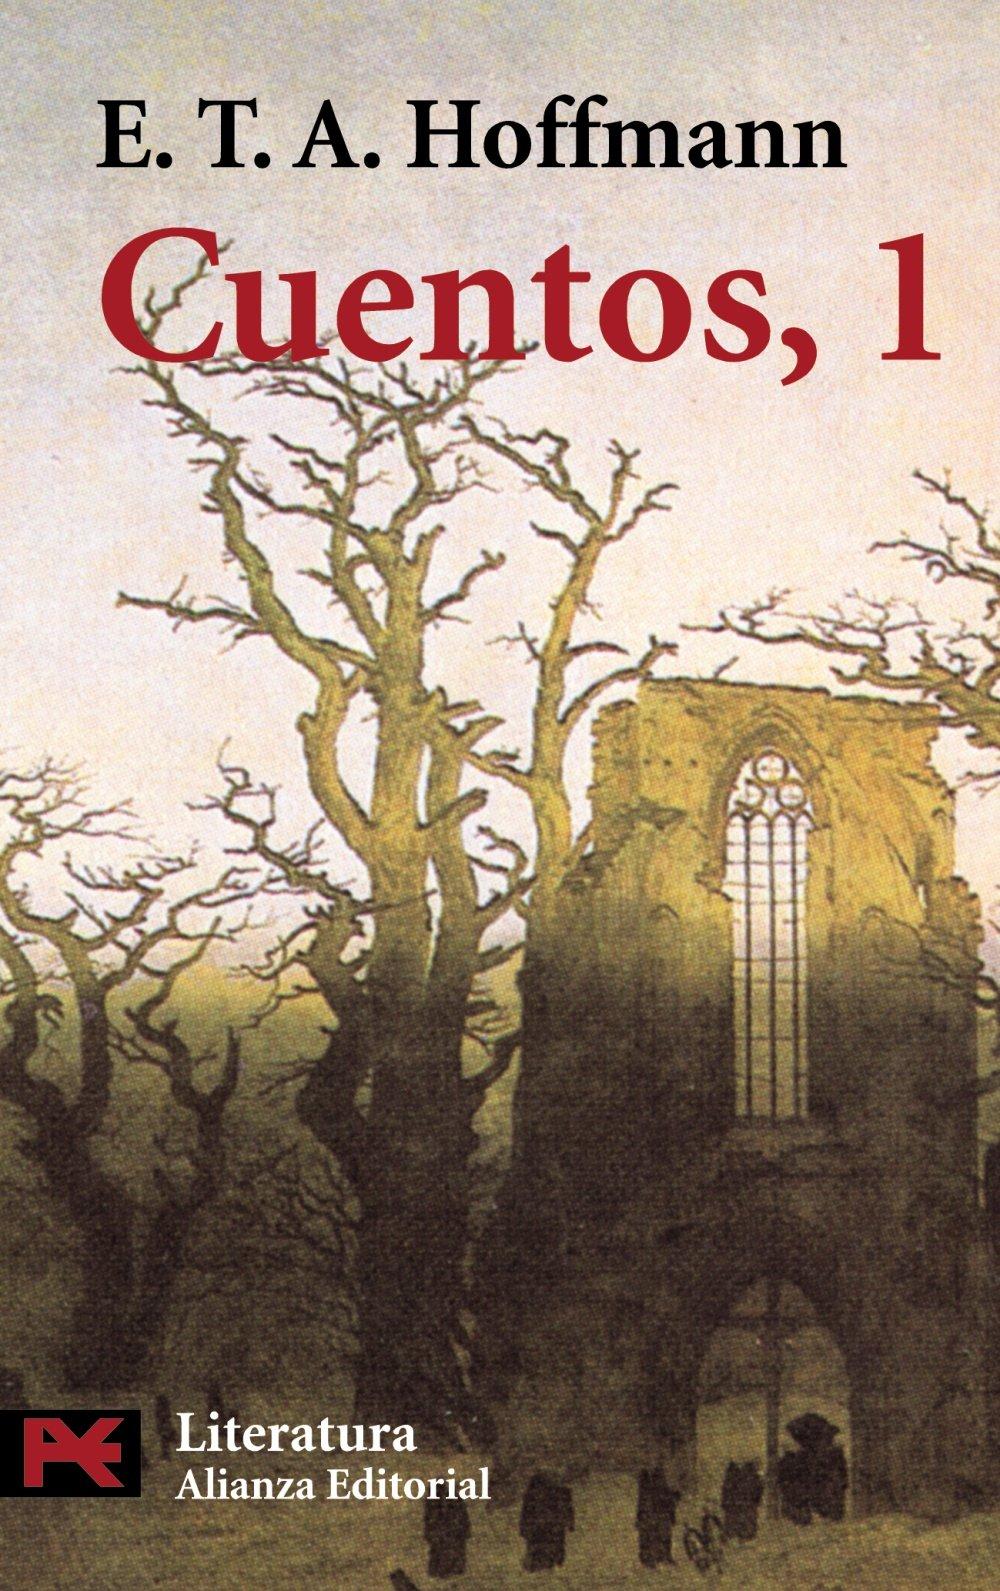 Cuentos, 1 (El libro de bolsillo - Literatura): Amazon.es: Hoffmann, E. T. A., Bravo-Villasante Arenas, Carmen: Libros